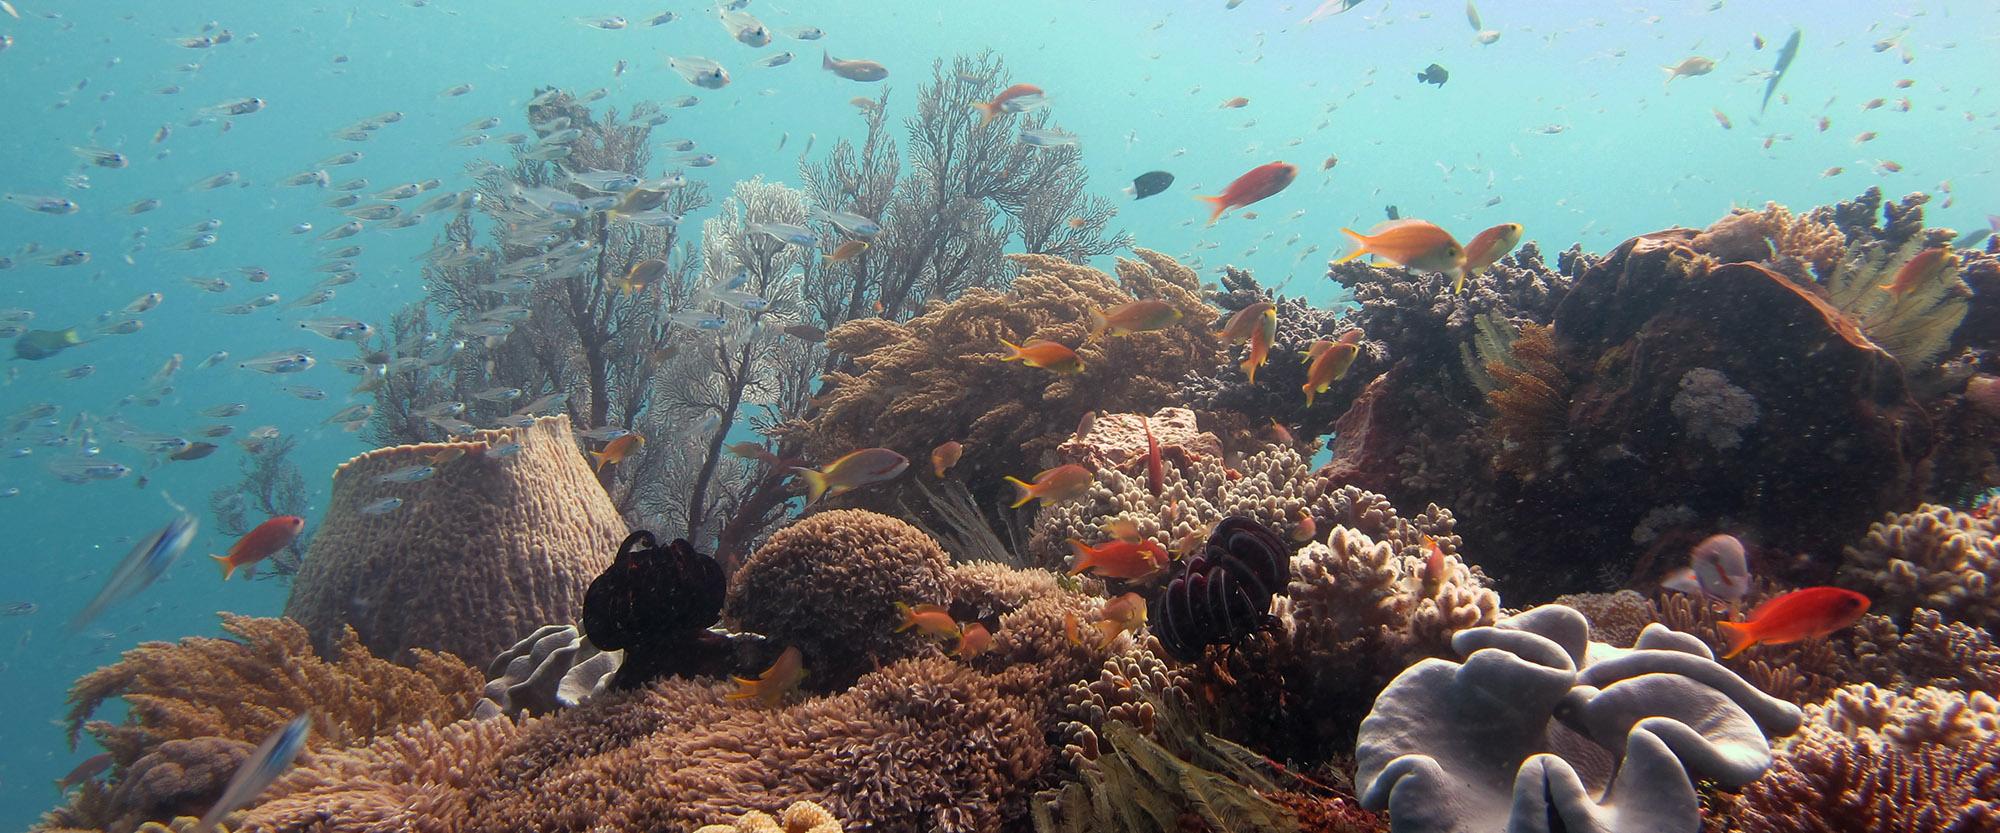 diving fish underwater padi nemberala rote island indonesia